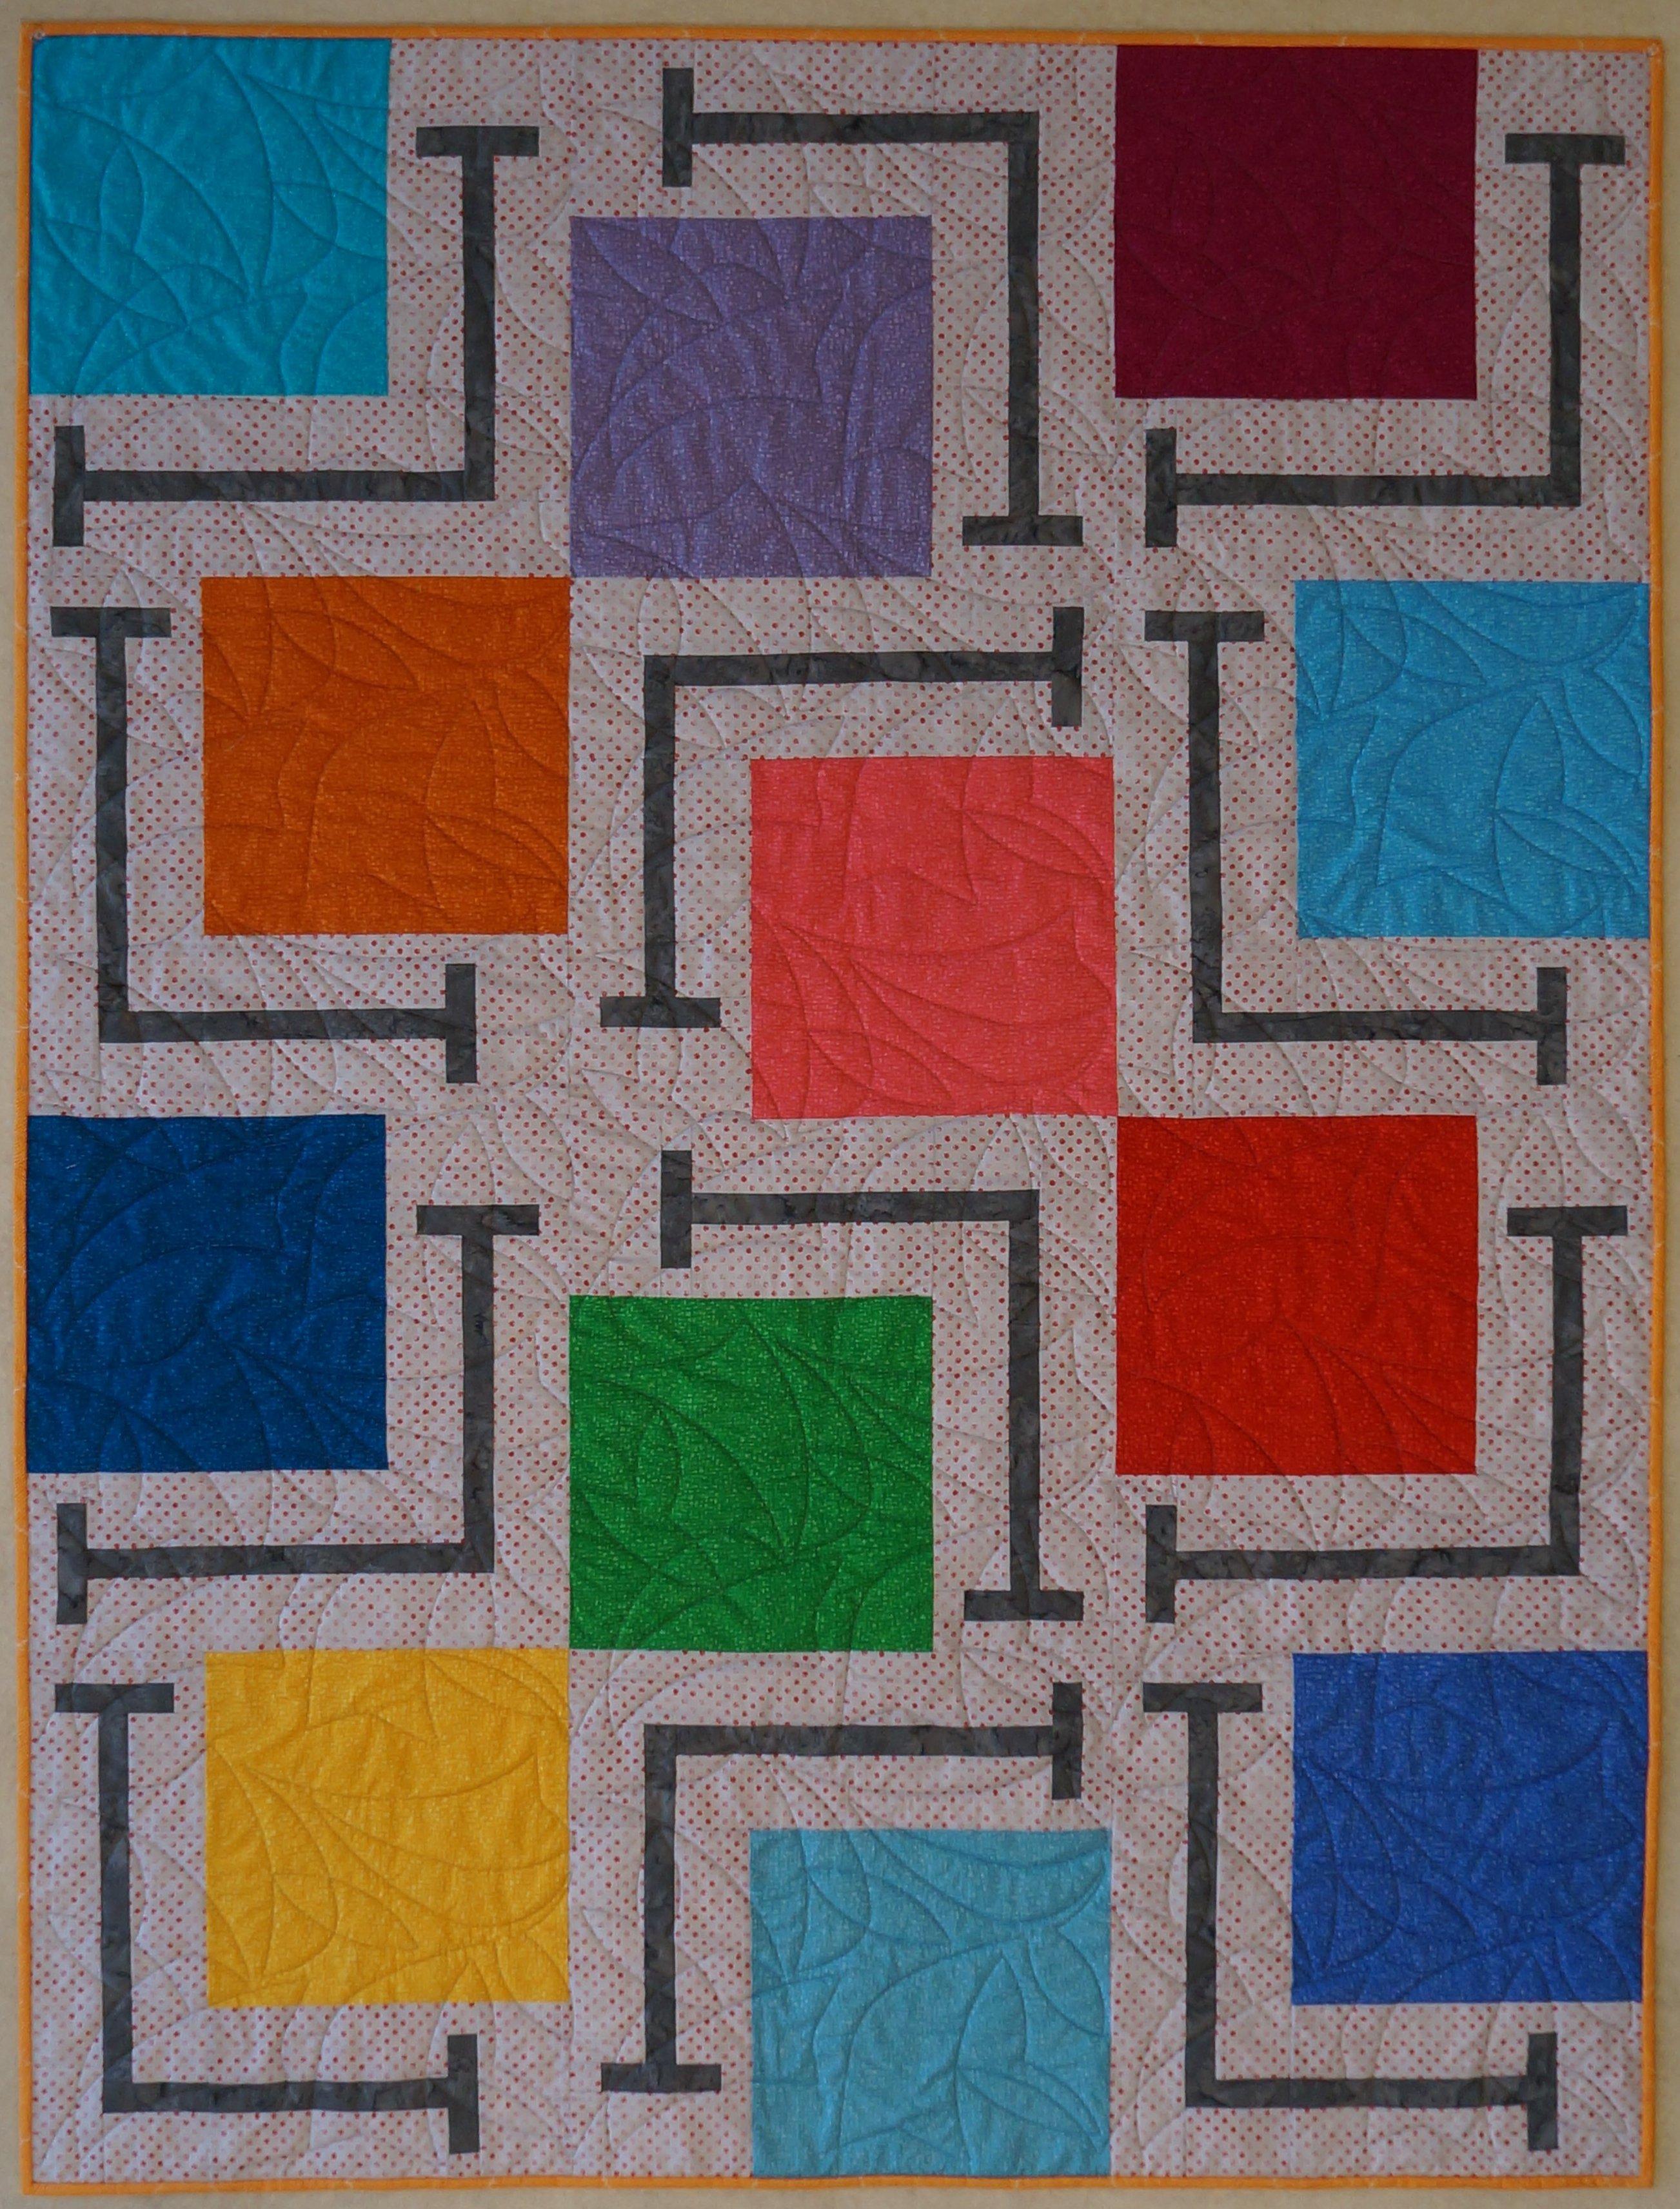 BQ6 quilt